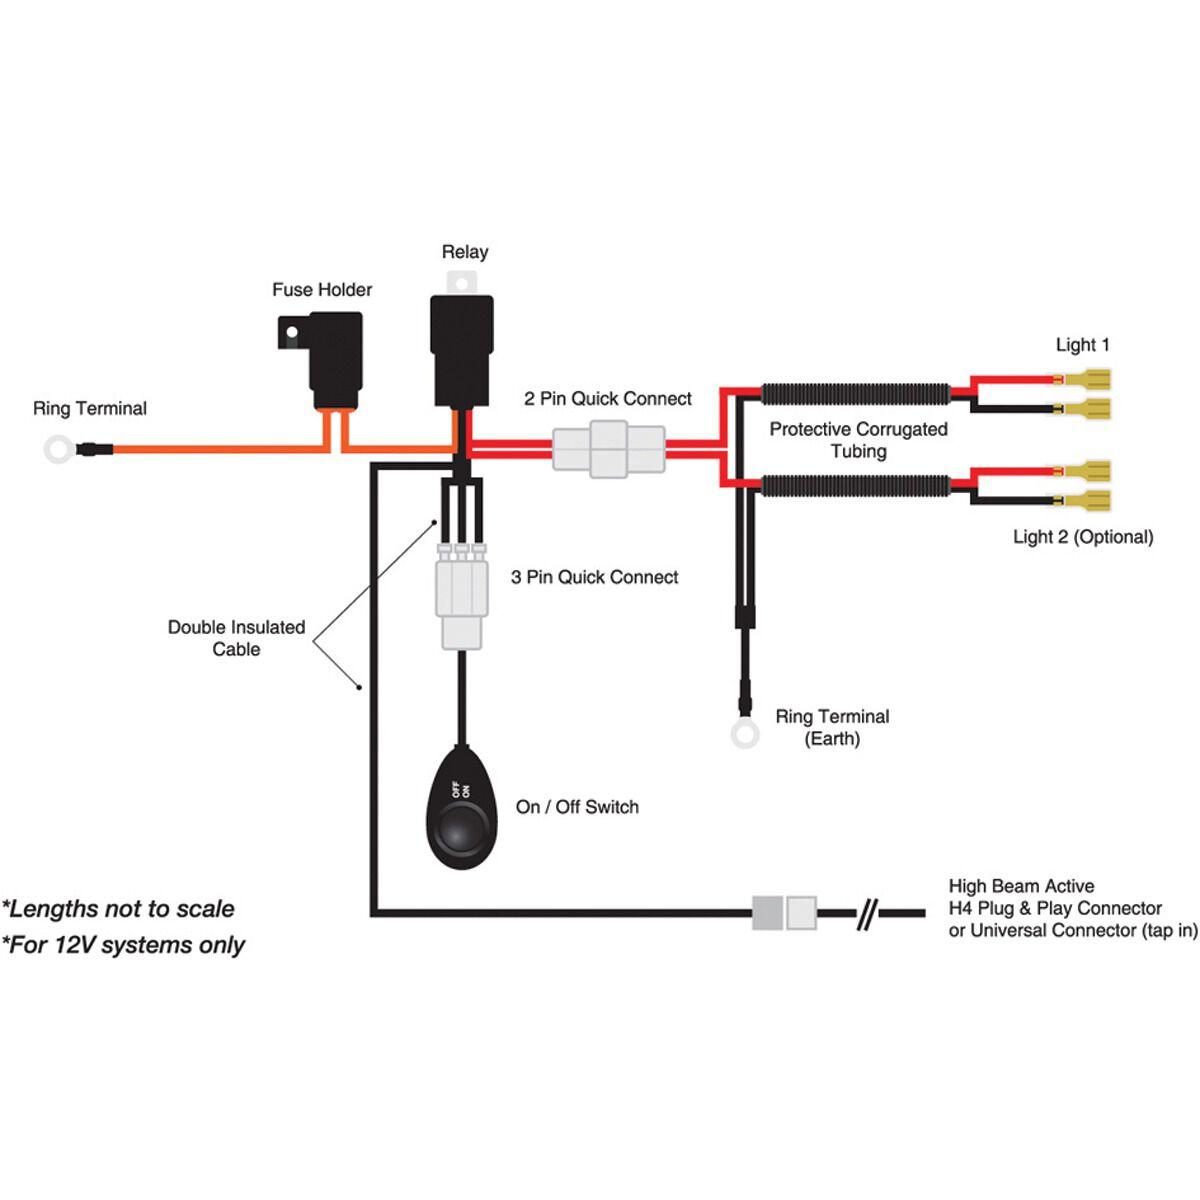 hight resolution of ipf spotlight wiring diagram wiring diagram expert